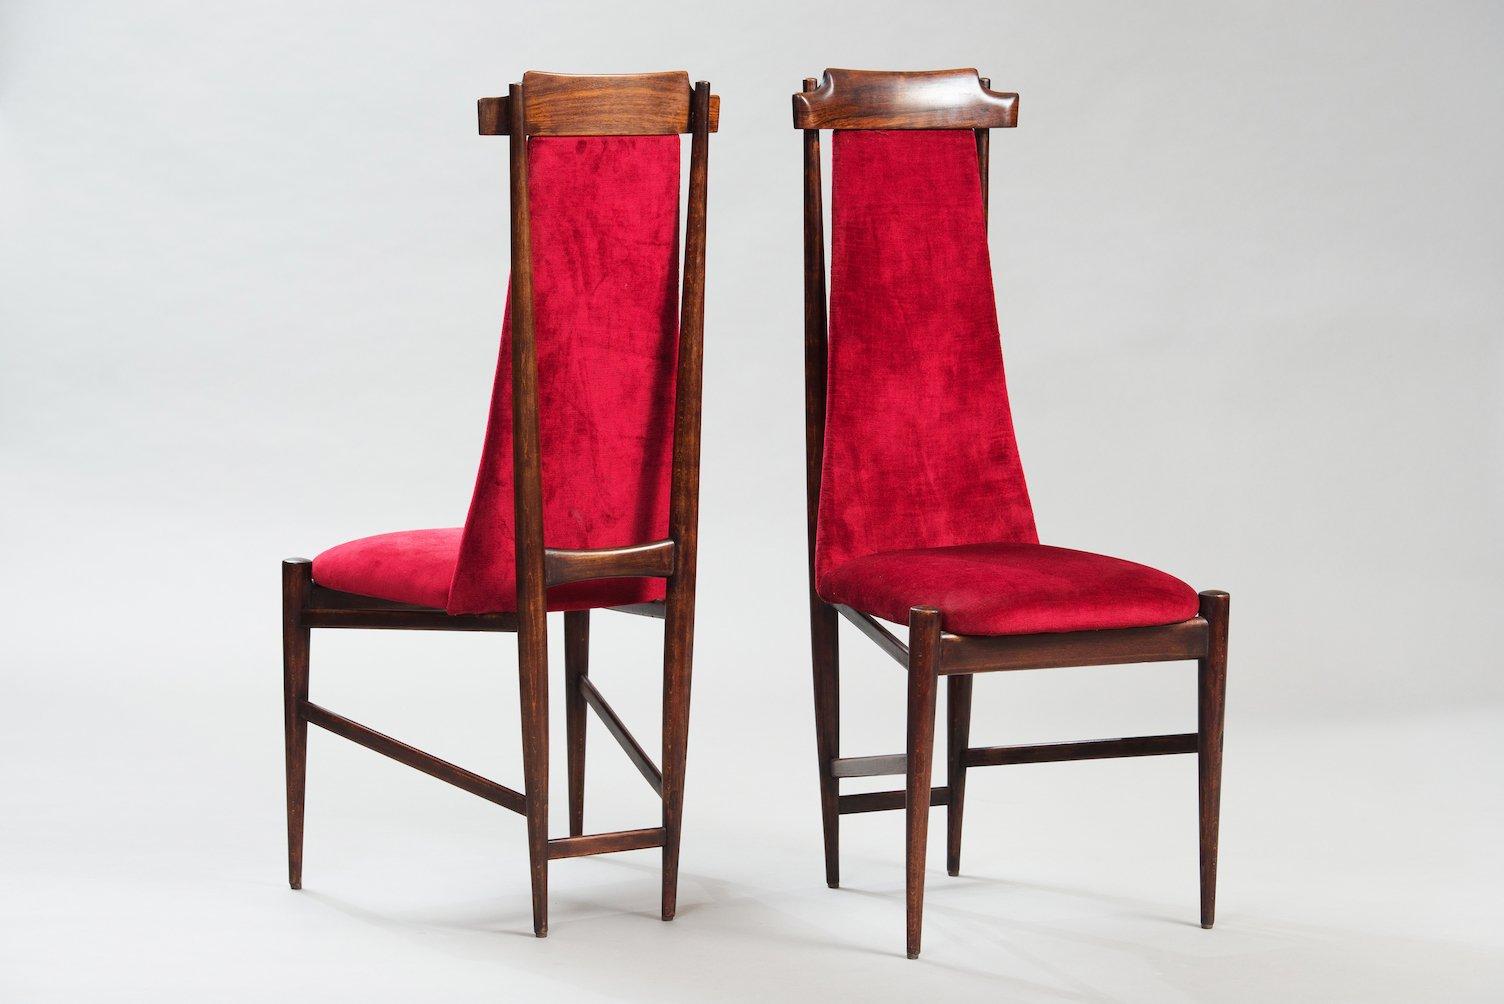 Sedie da pranzo con schienale alto set di 6 in vendita su for Sedie da pranzo design